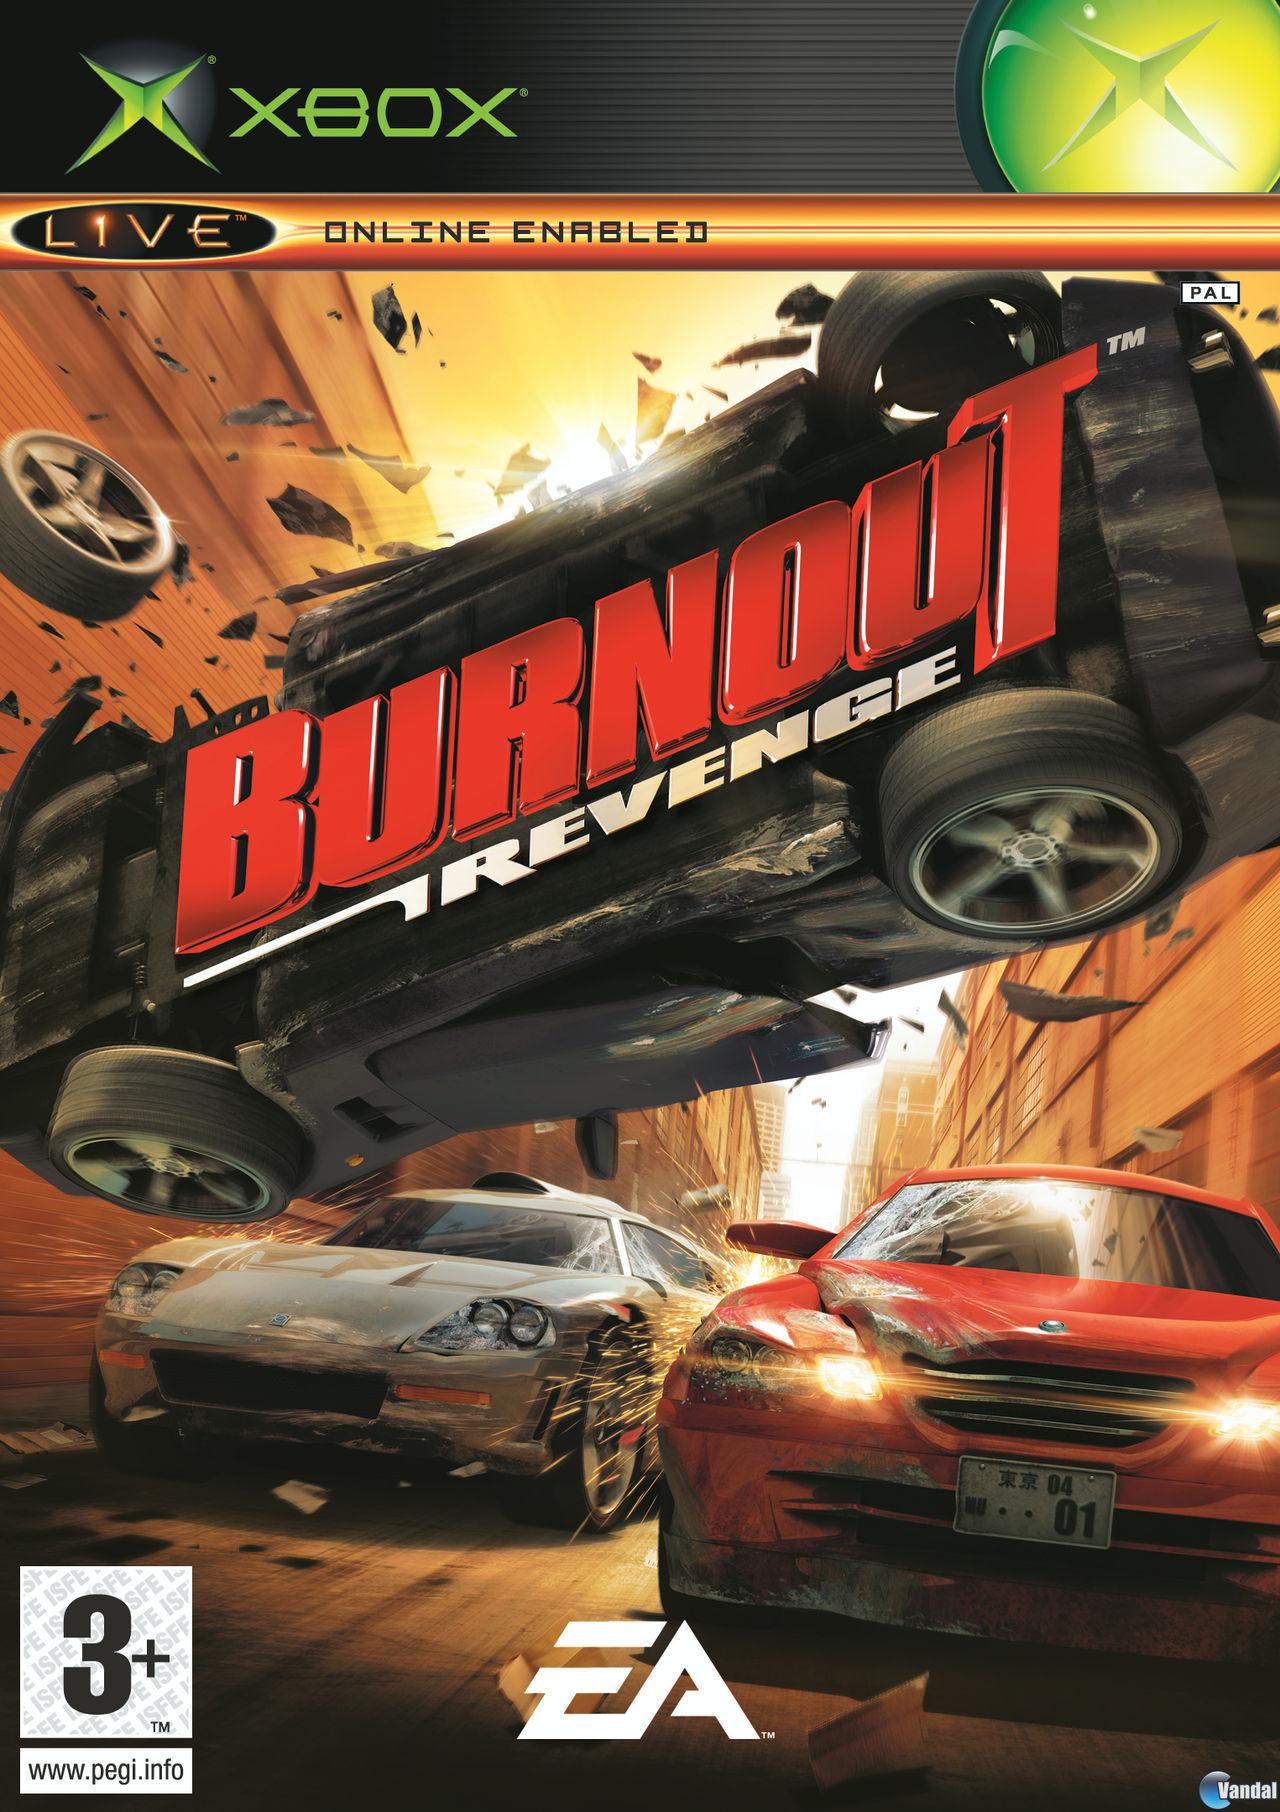 Xbox Clasico Iso S Por Mega Burnout Revenge Mega